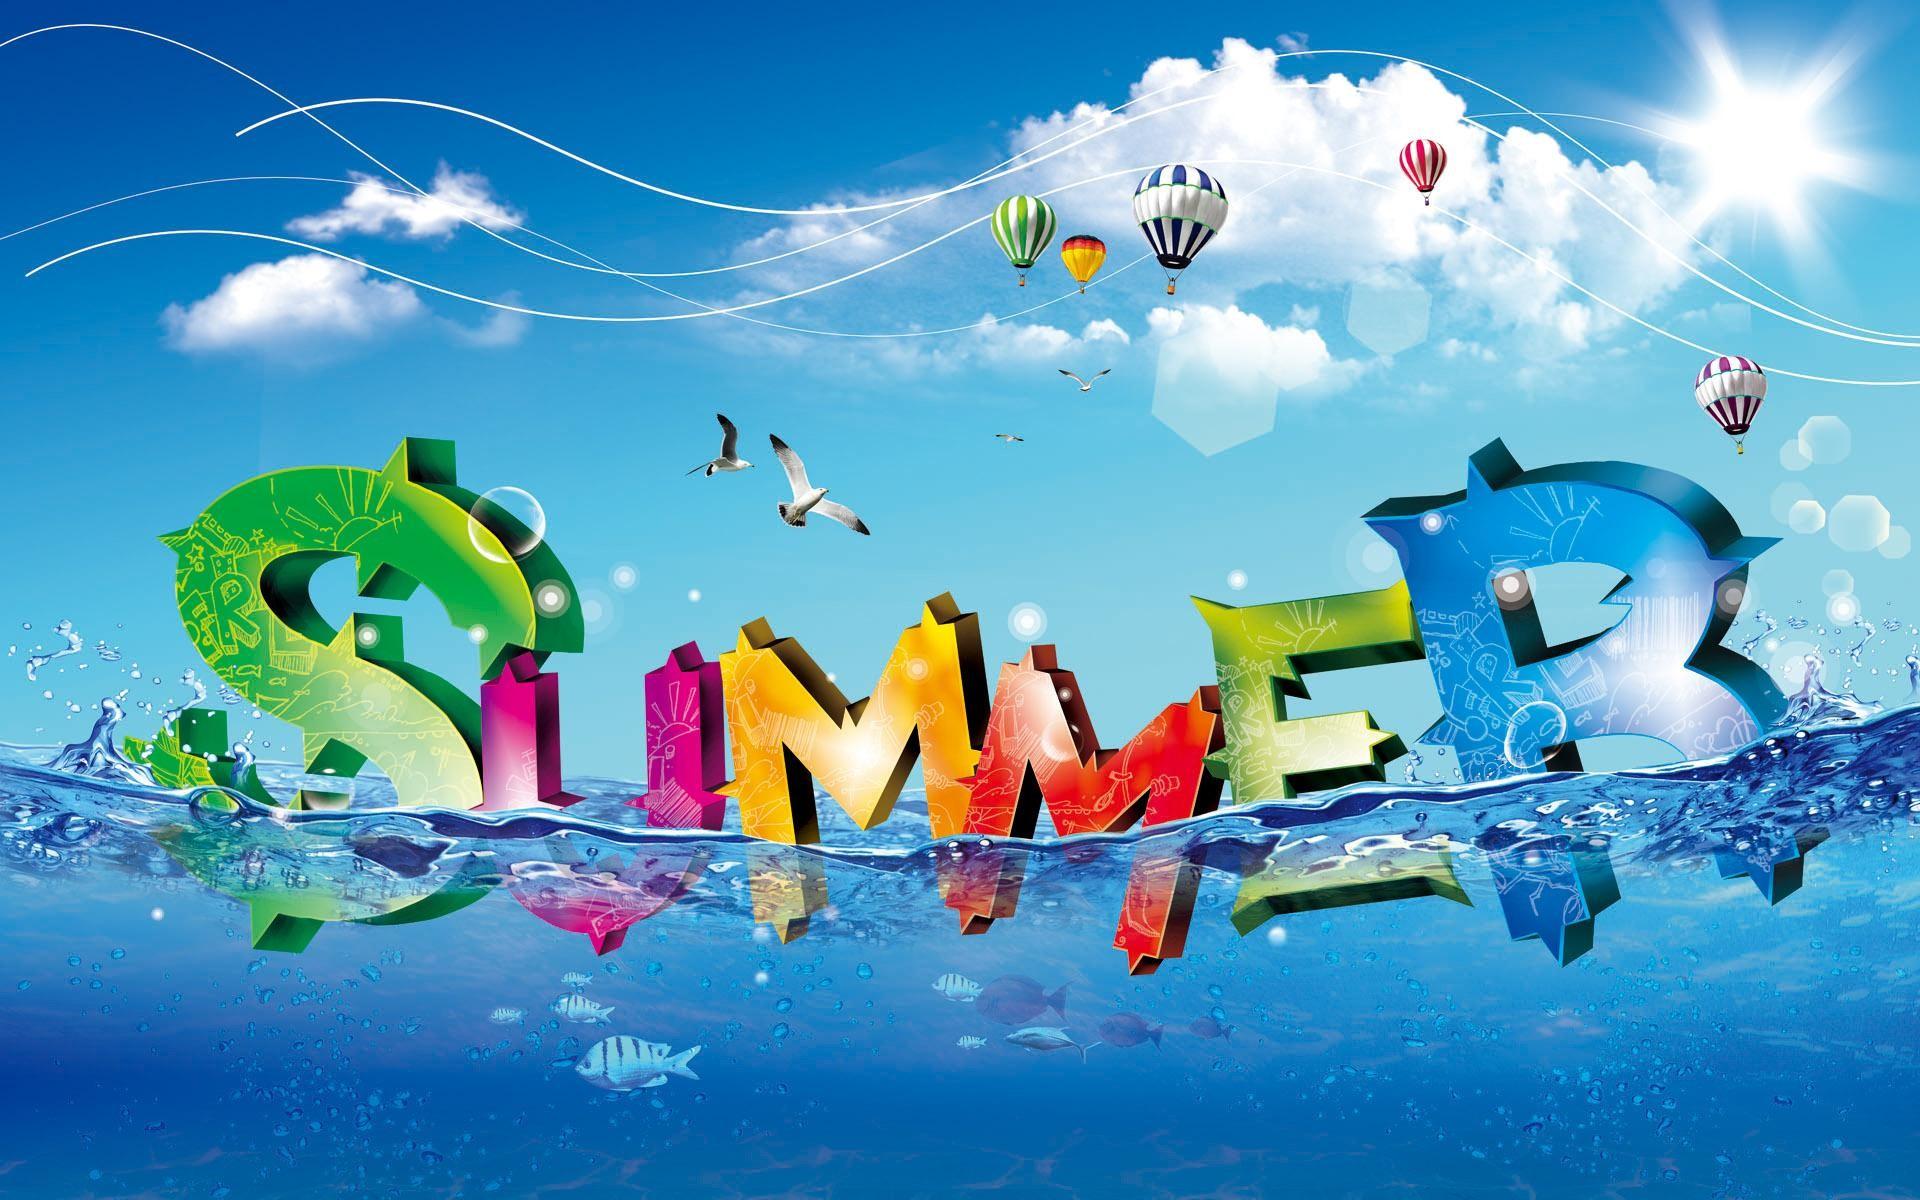 Обои рабочего стола графика лето лето